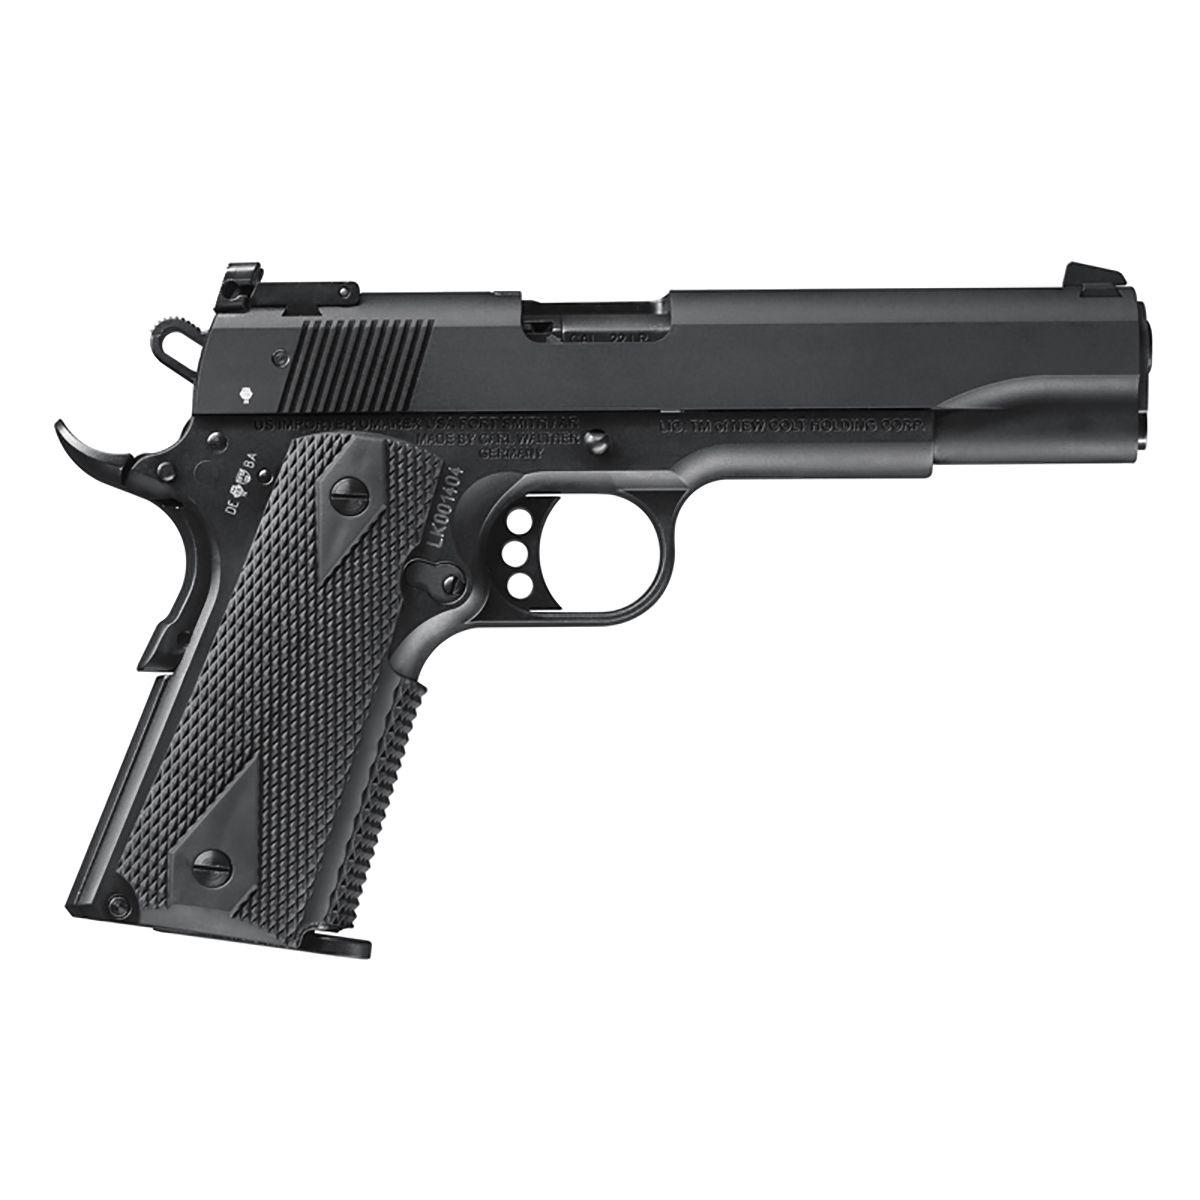 Pistola Walther Colt 1911 Gold Cup Cal. 22 LR 12+1 Tiros Oxidada